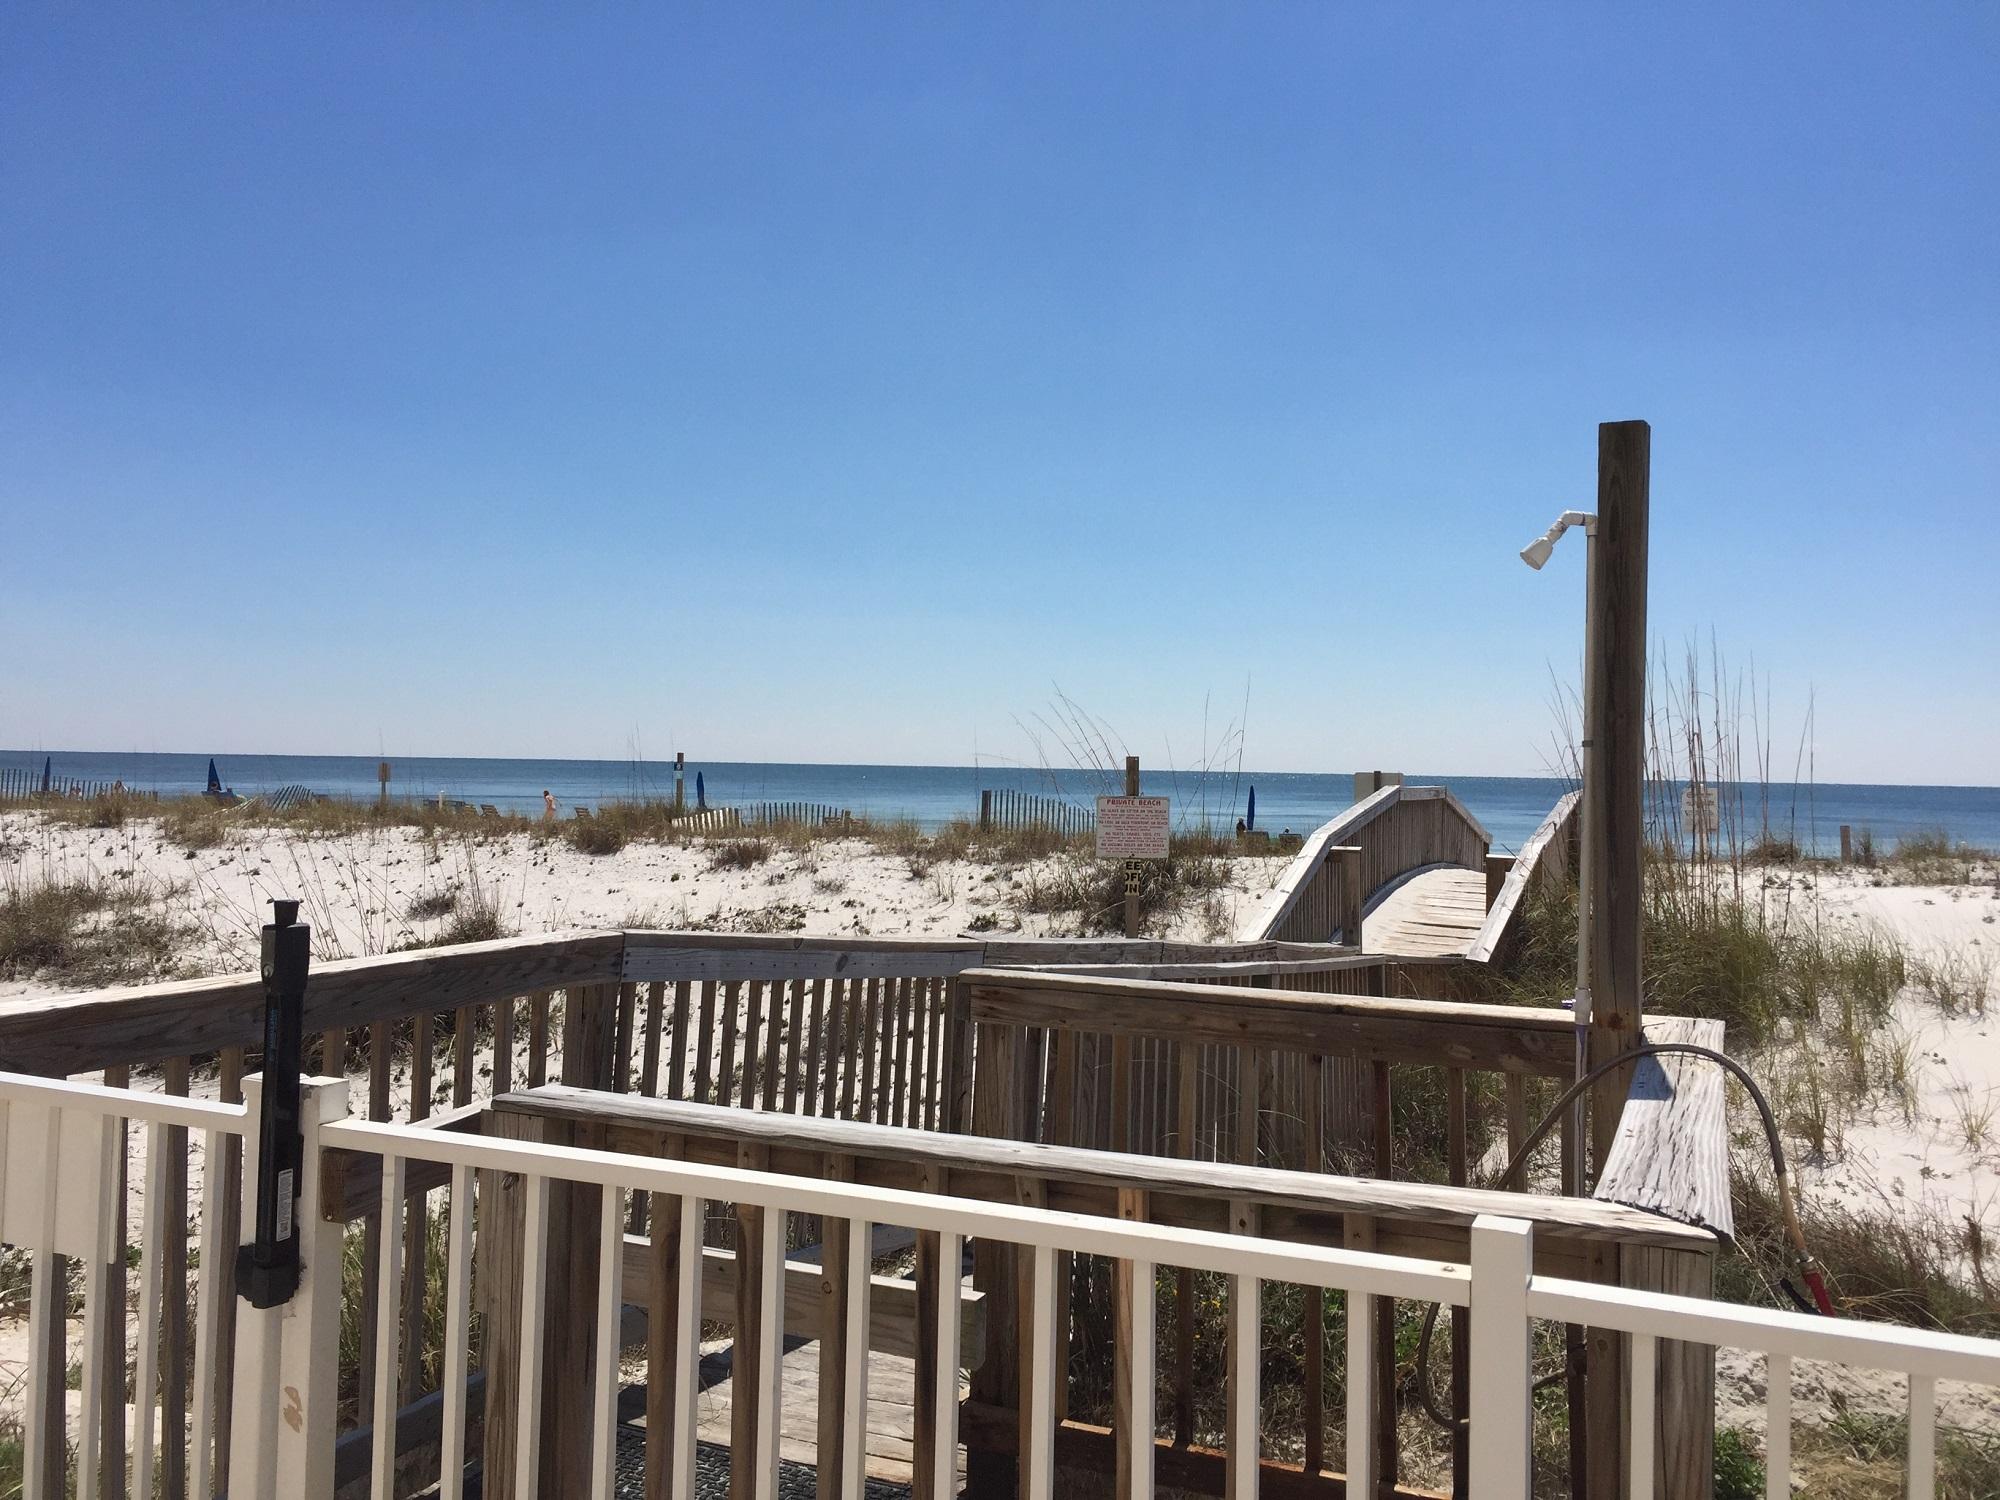 Ocean House 2403 Condo rental in Ocean House - Gulf Shores in Gulf Shores Alabama - #52